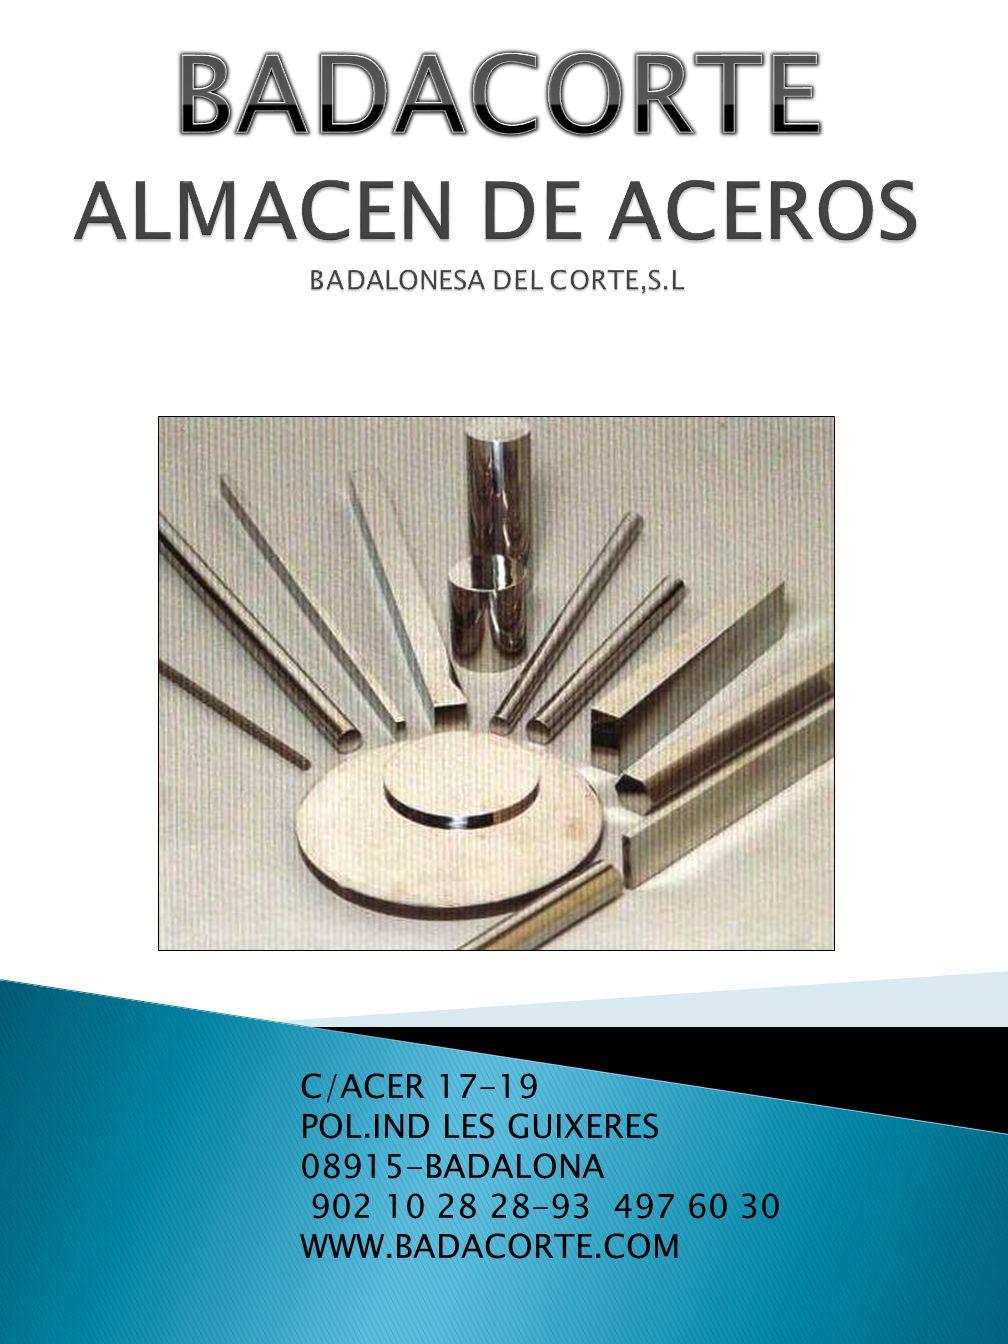 C/ACER 17-19 POL.IND LES GUIXERES 08915-BADALONA 902 10 28 28-93 497 60 30 WWW.BADACORTE.COM